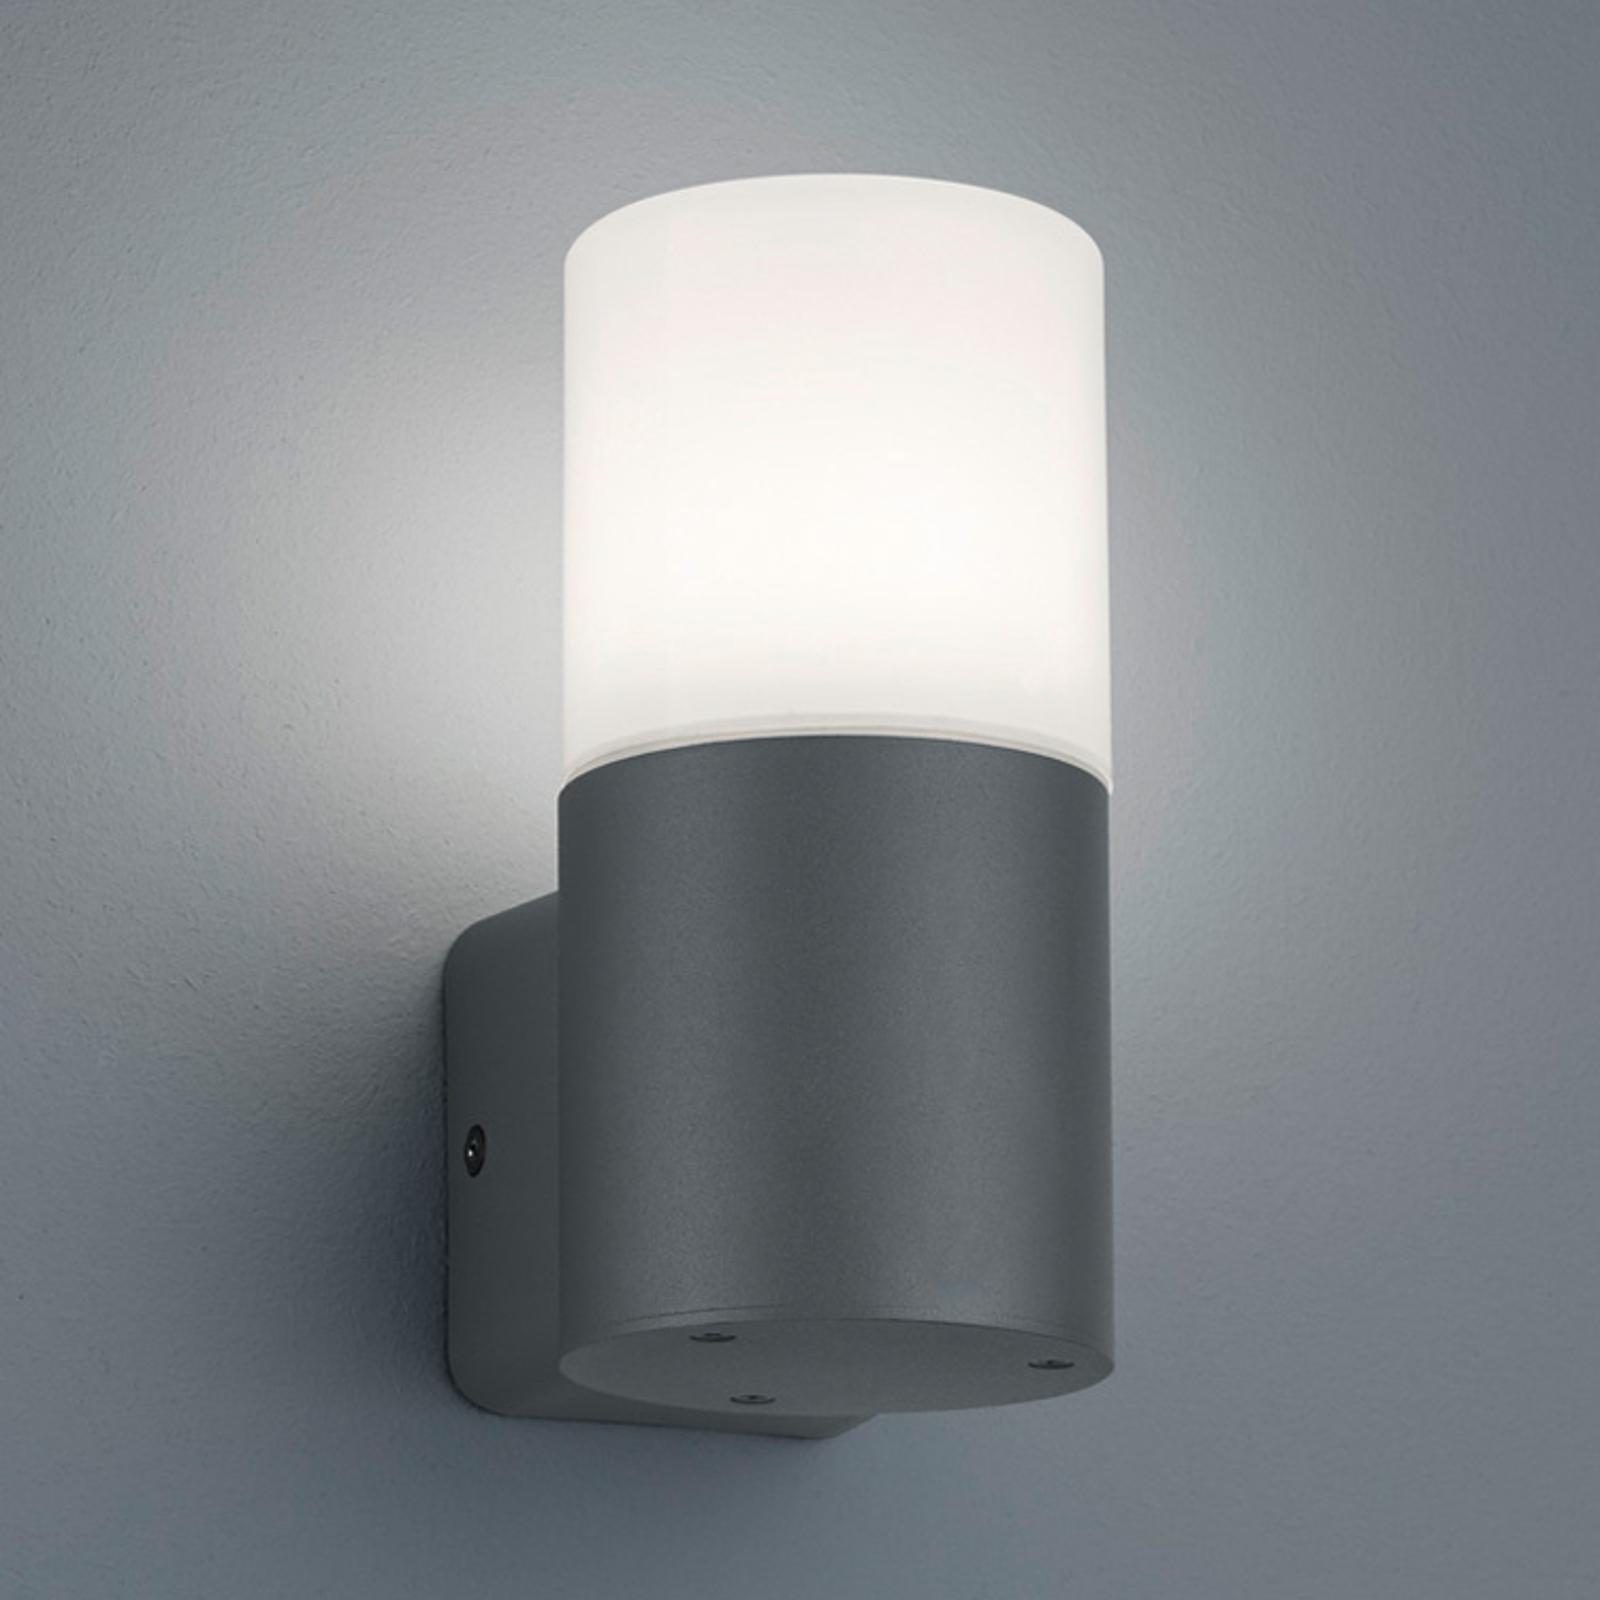 Applique d'extérieur Hoosic à 1 lampe, anthracite